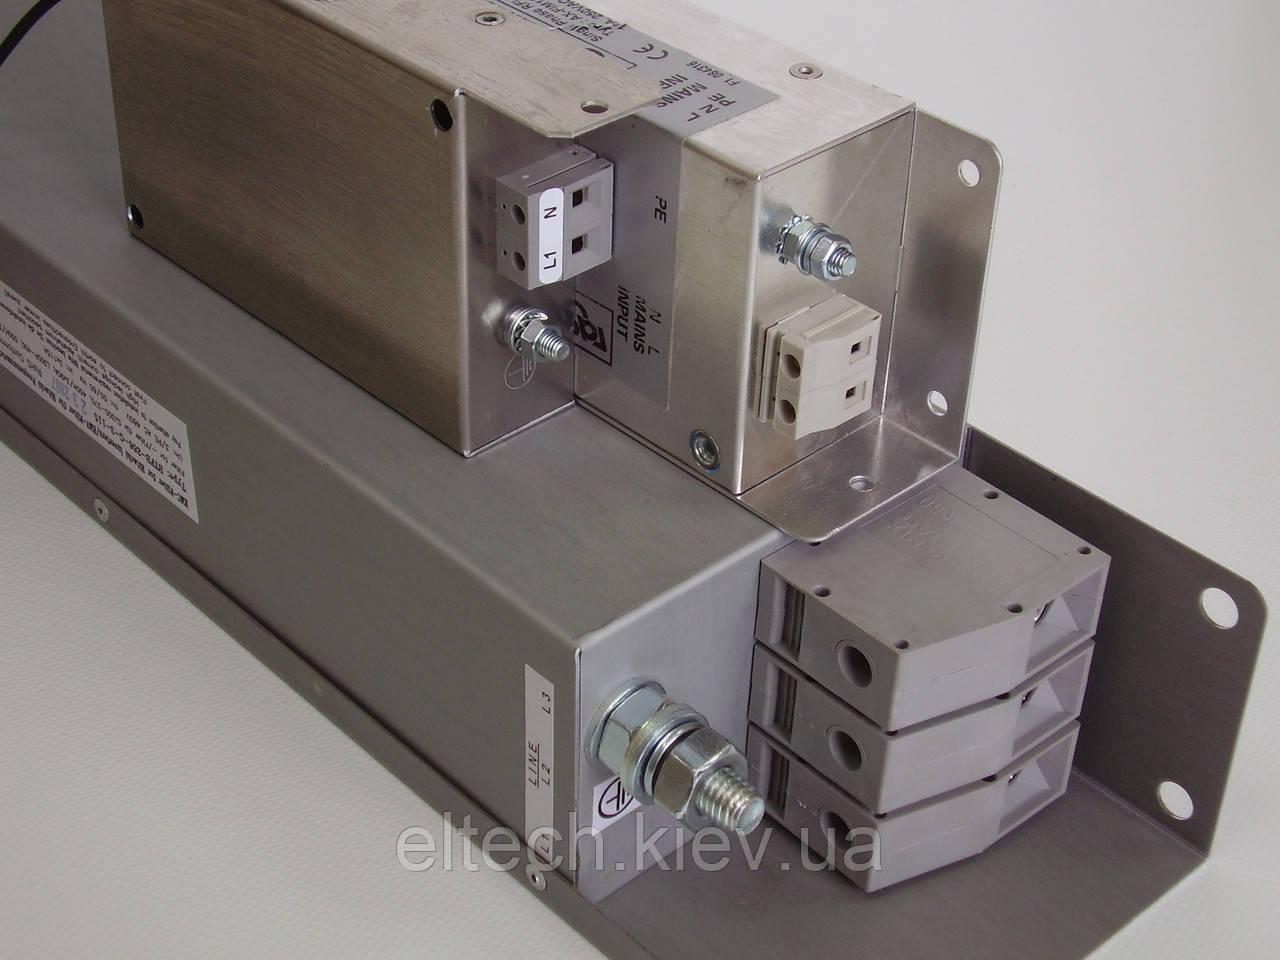 Фильтр для SJ700-3150HFE2. Фильтр сетевой FS25108-630-99